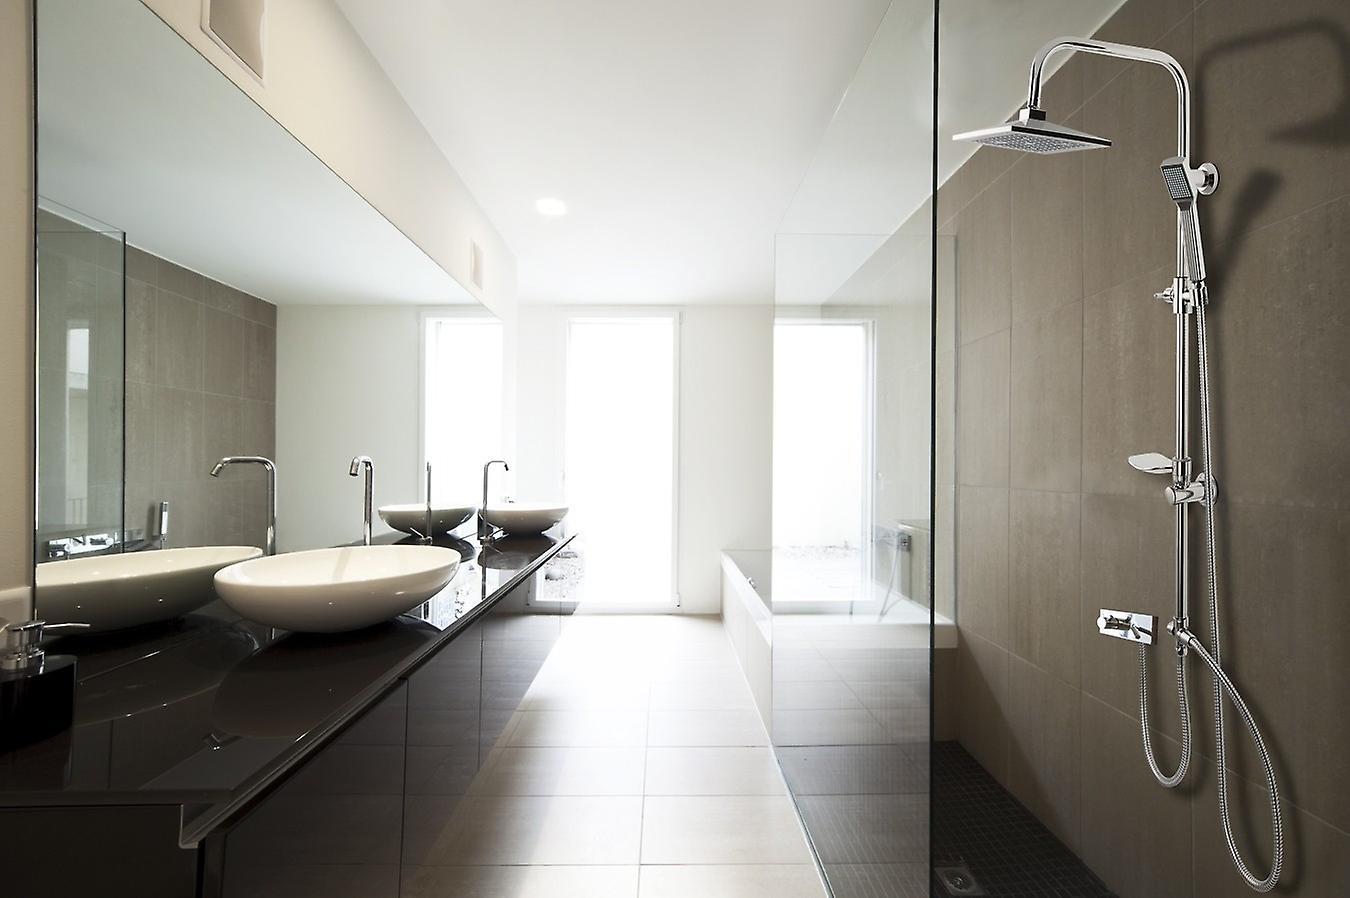 Lifa Living Rain Shower Shower Set Shower Set Overhead Shower Shower Rod 96cm Head Shower Complete Shower Shower Shower Rvs Chrome Look